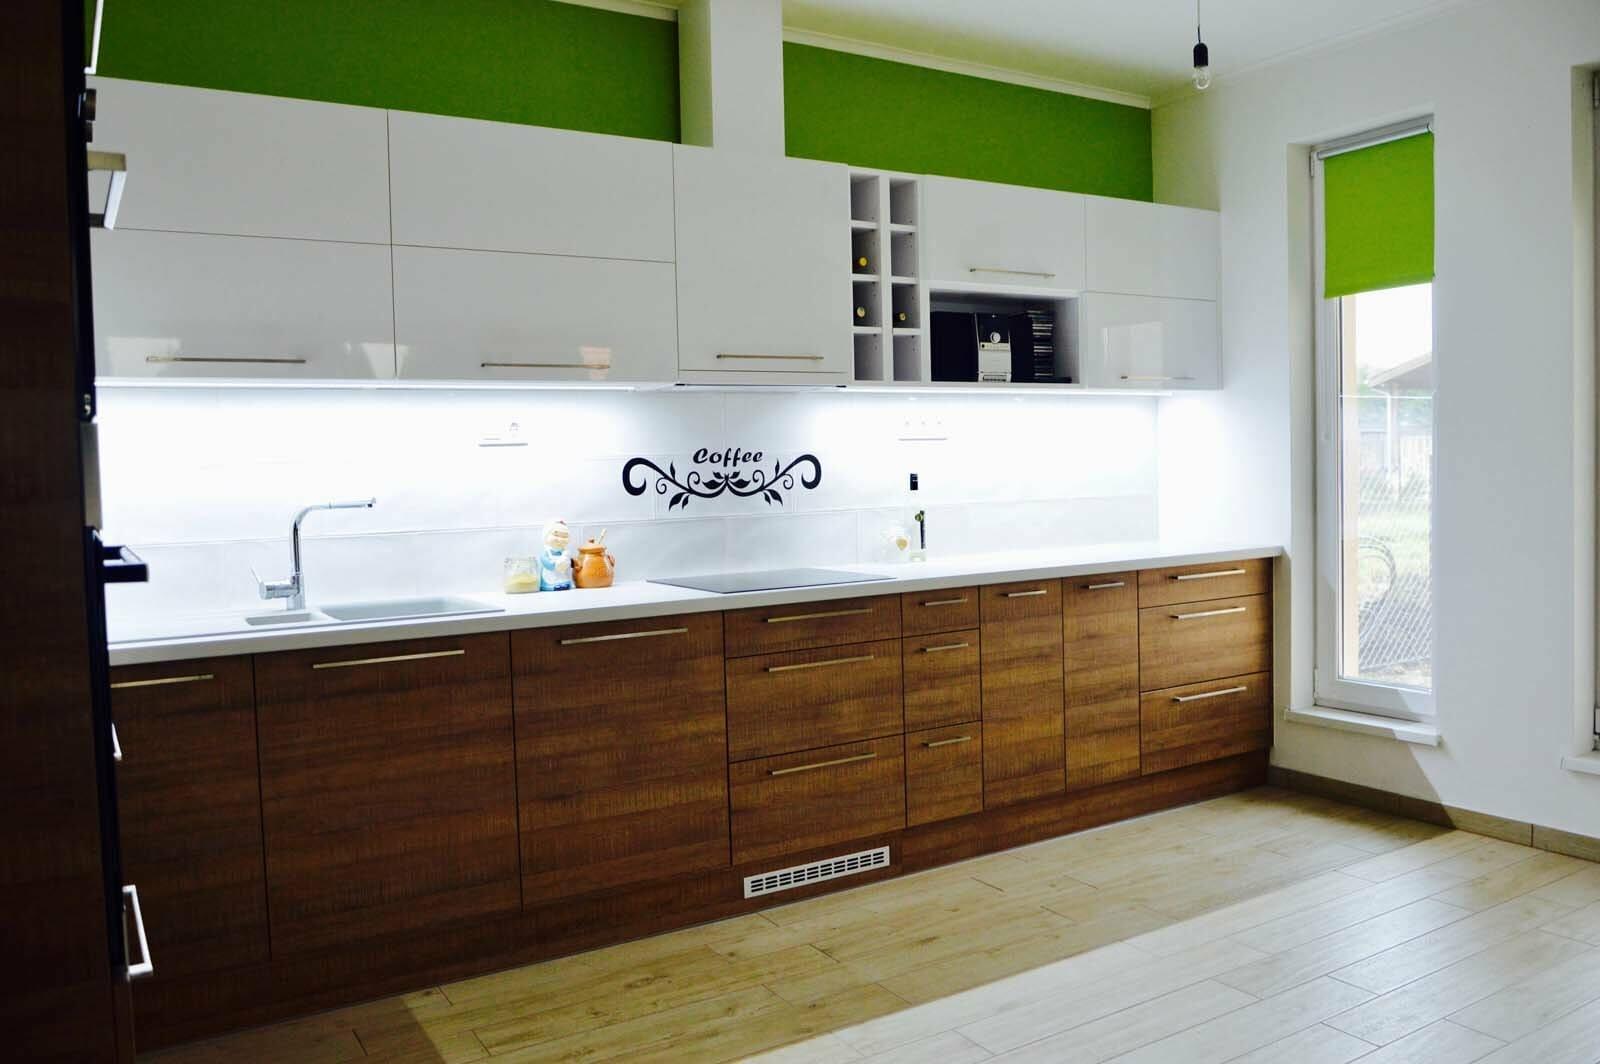 Egyedi konyhabútor készítés magasfényű akril felső elemekkel, fa alsó elemekkel, rejtett LED világítással, blum aventos HF felnyíló vasalattal